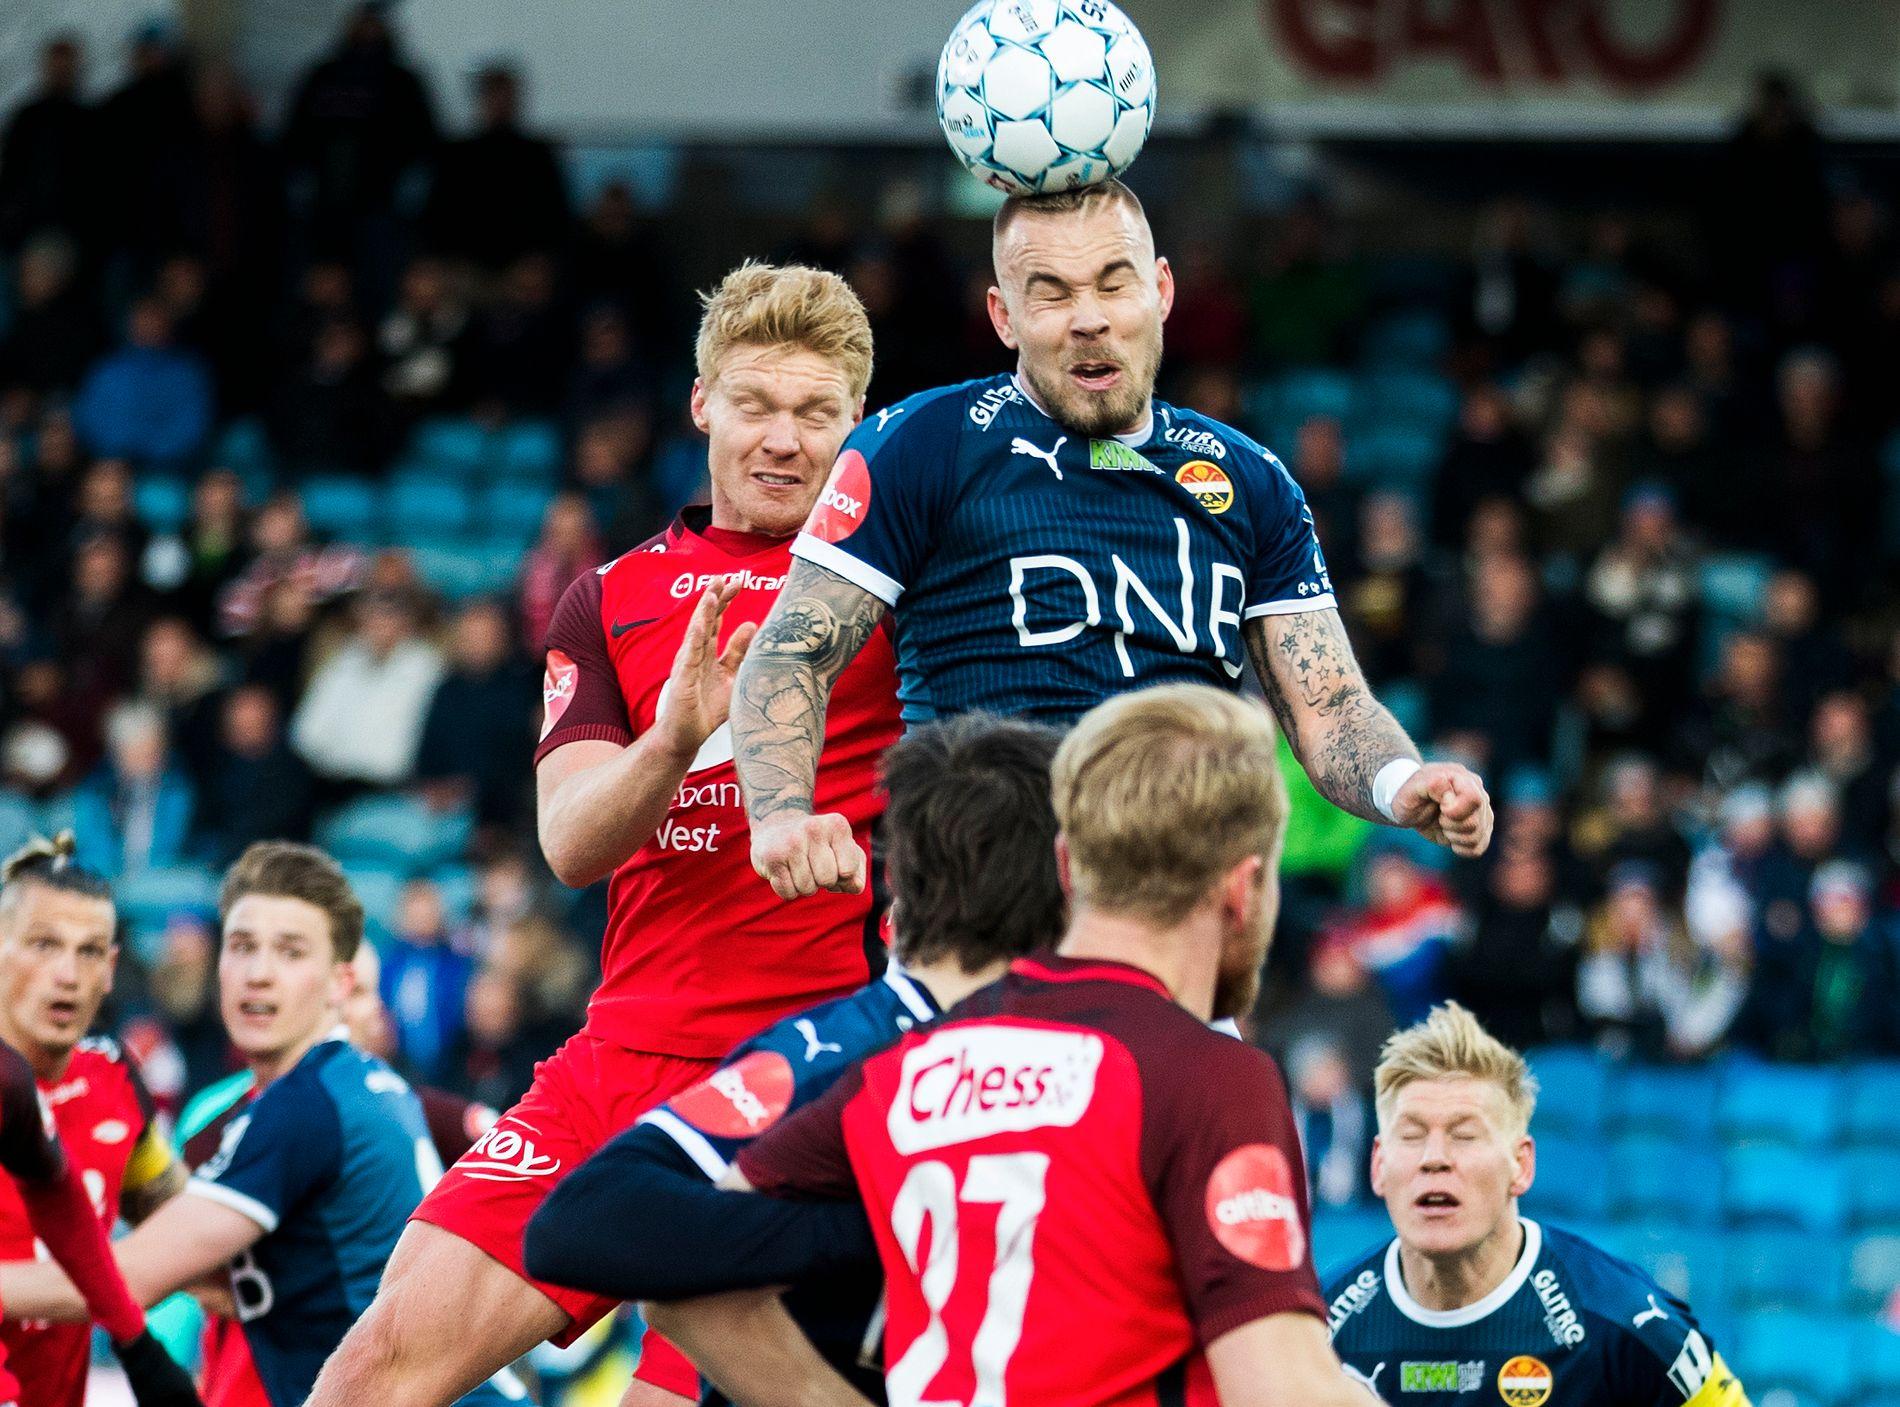 TILBAKE I BERGEN: Marcus Pedersen og Strømsgodset kommer til Brann stadion søndag kveld. Her fra 1–1-kampen for et år siden, med Sivert Heltne Nilsen (t.v.) og Henrik Kjelsrud Johansen (med ryggen til).